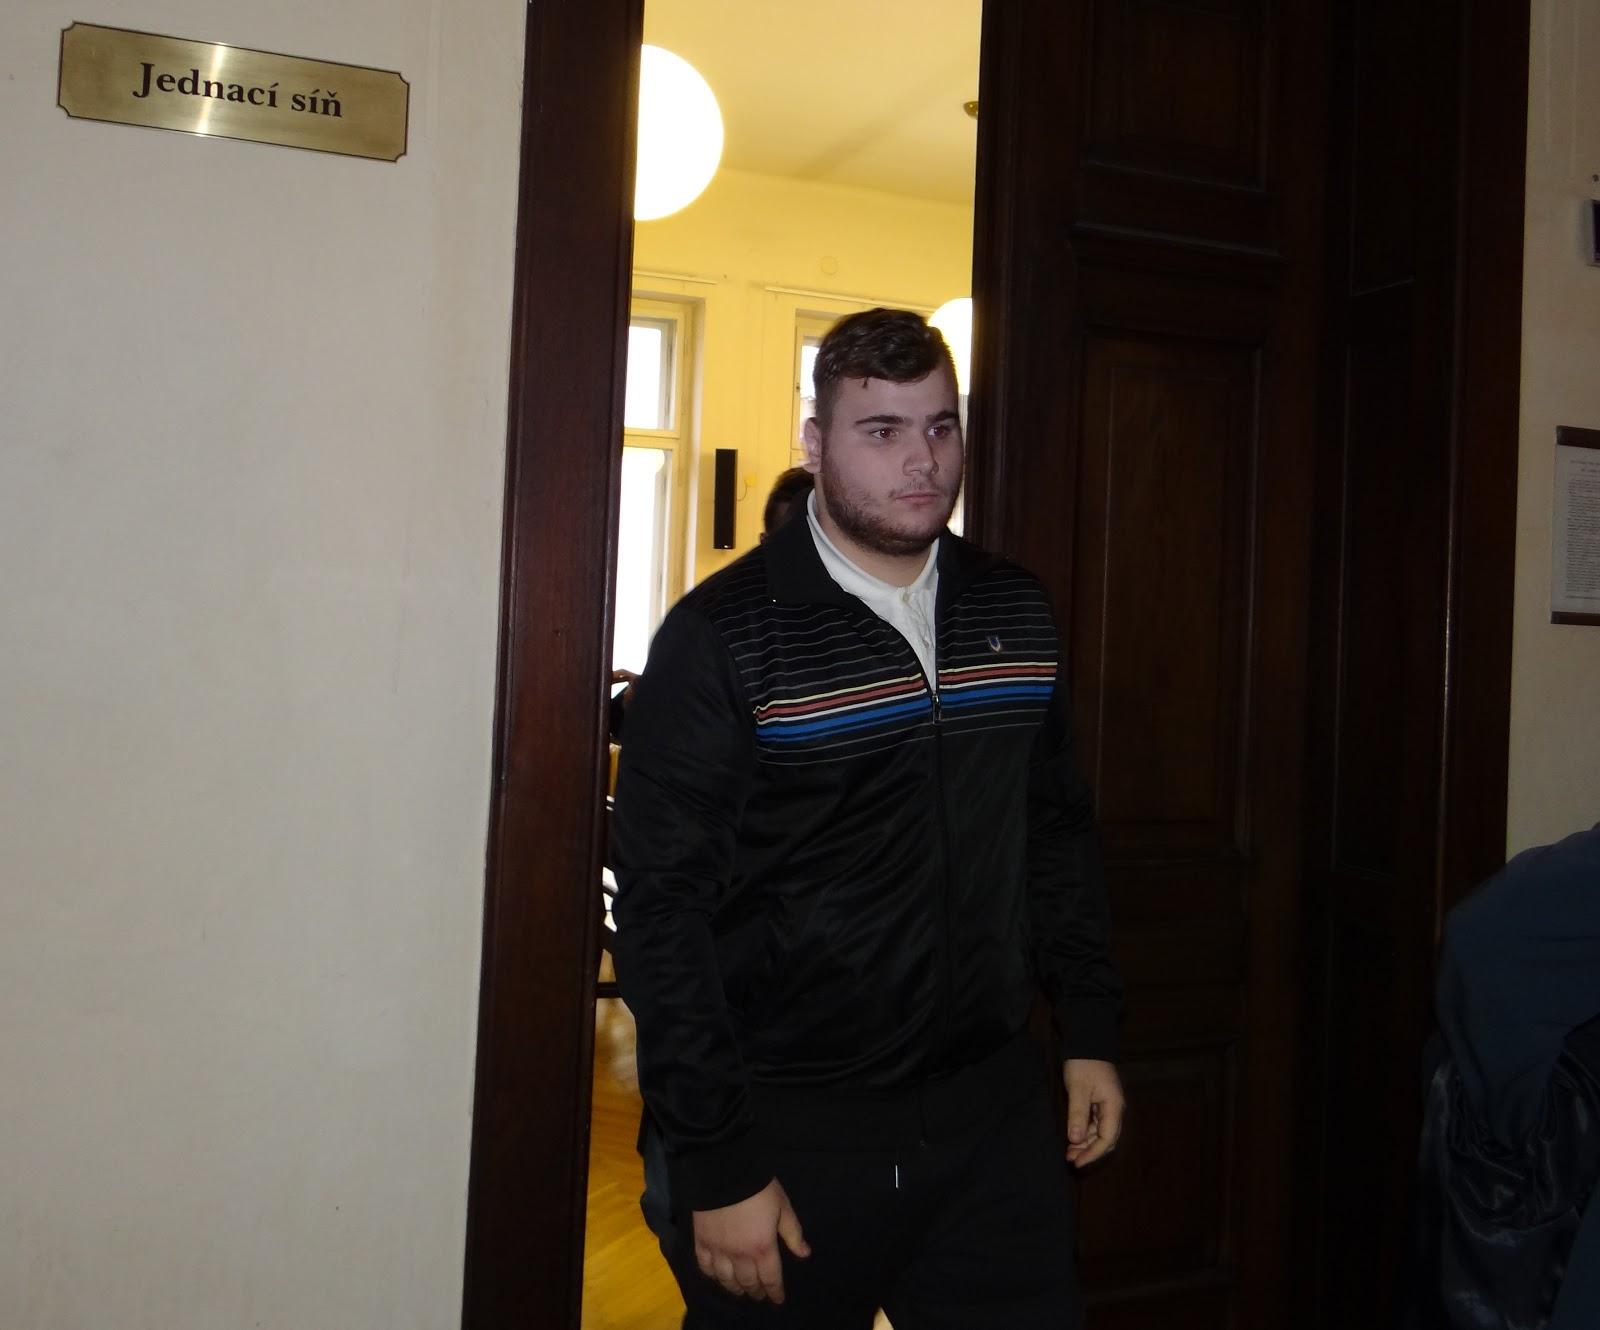 Obžalovaný Dominik Zabloudil před jednací síni. Autor: Michaela Jagusztynová